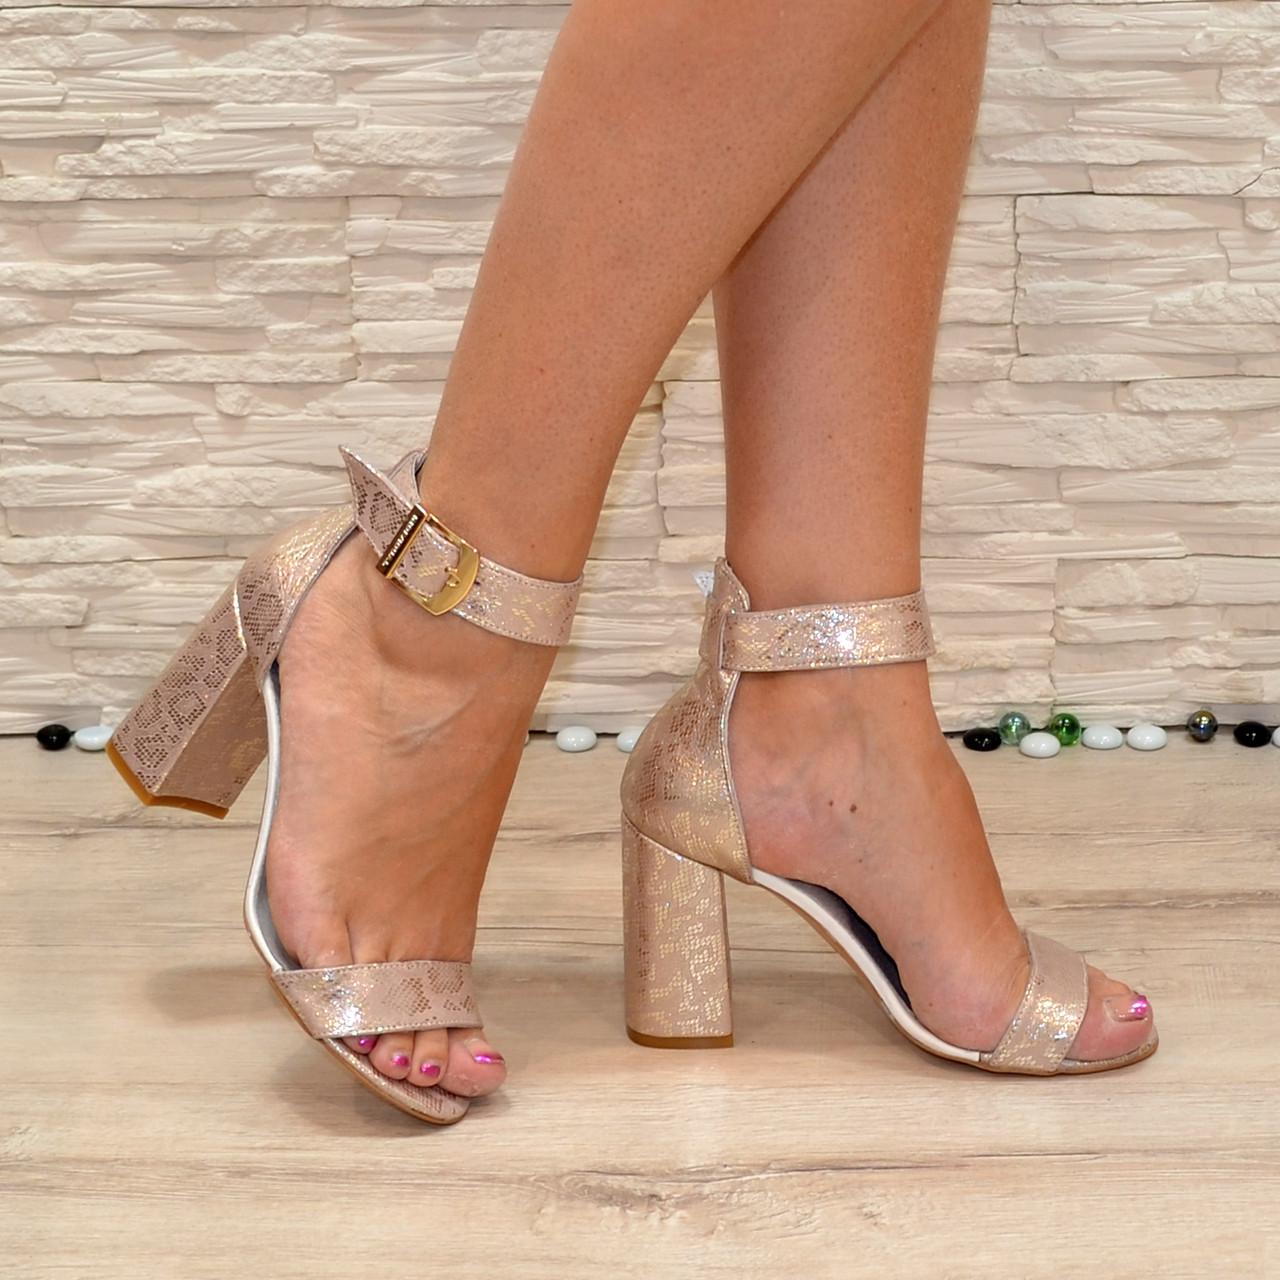 Женские кожаные босоножки на высоком устойчивом каблуке, цвет золото